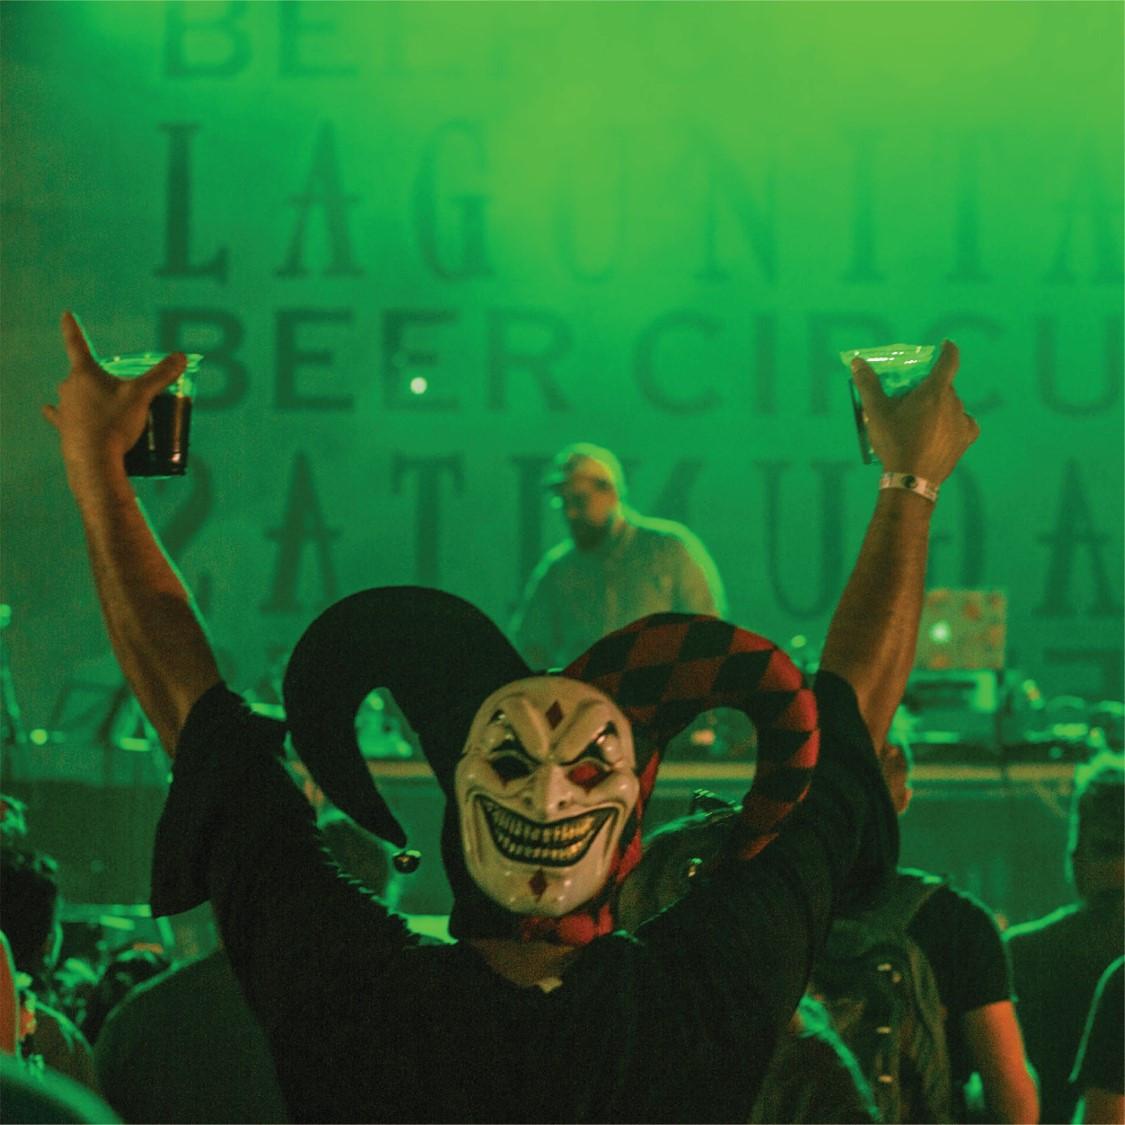 Primeiro 'Lagunitas Beer Circus Sideshow' em Portugal